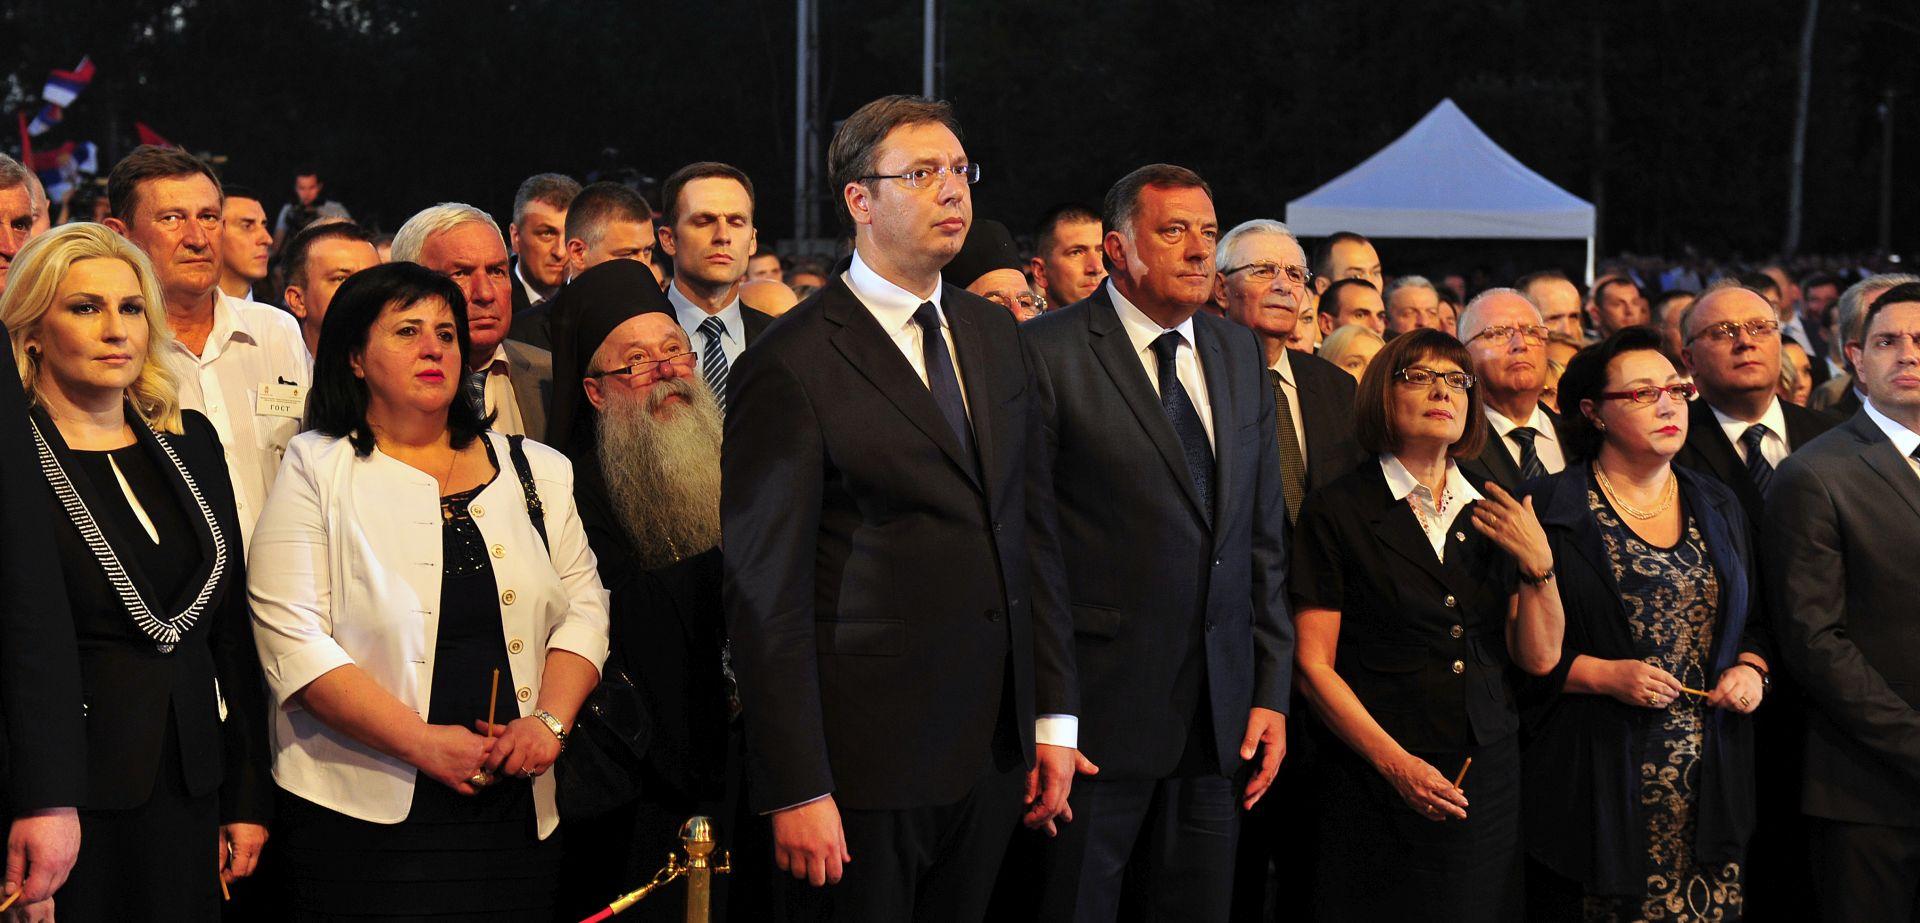 TEŠKO BOLESTAN: Srpska vlada traži puštanje na slobodu zločinca Mile Mrkšića